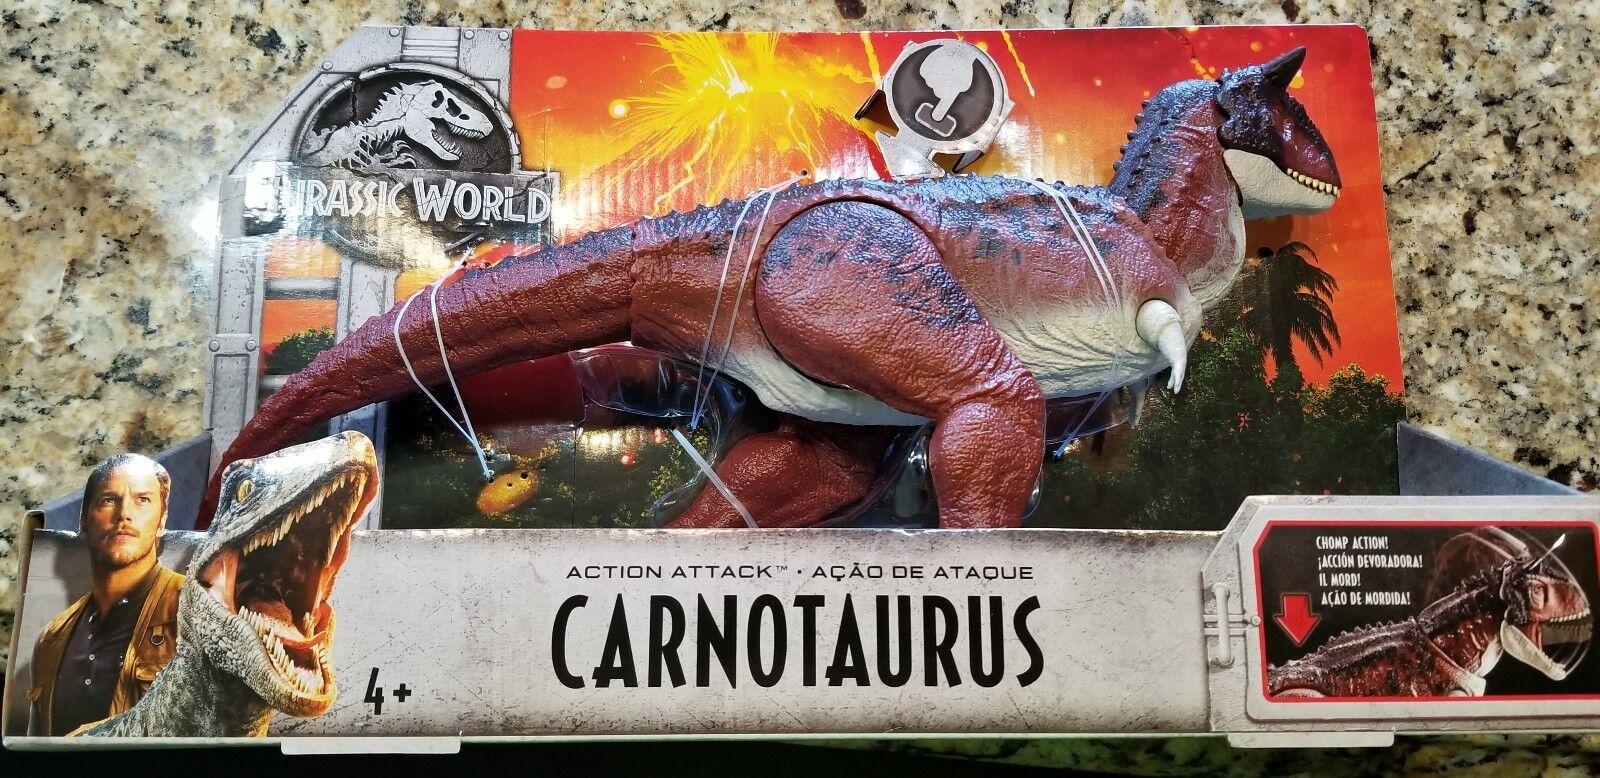 Jurassic World 2 Fallen Fallen Fallen Kingdom Carnotaurus Chomping Mattel NEW RARE 3a995c